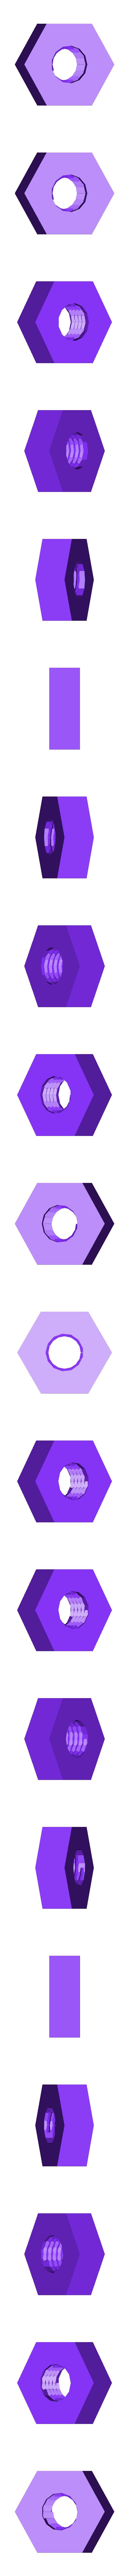 Hex_nut_M8_wider.stl Download free STL file Printable standard M8 Hex nuts and washers • 3D printer design, Ogrod3d